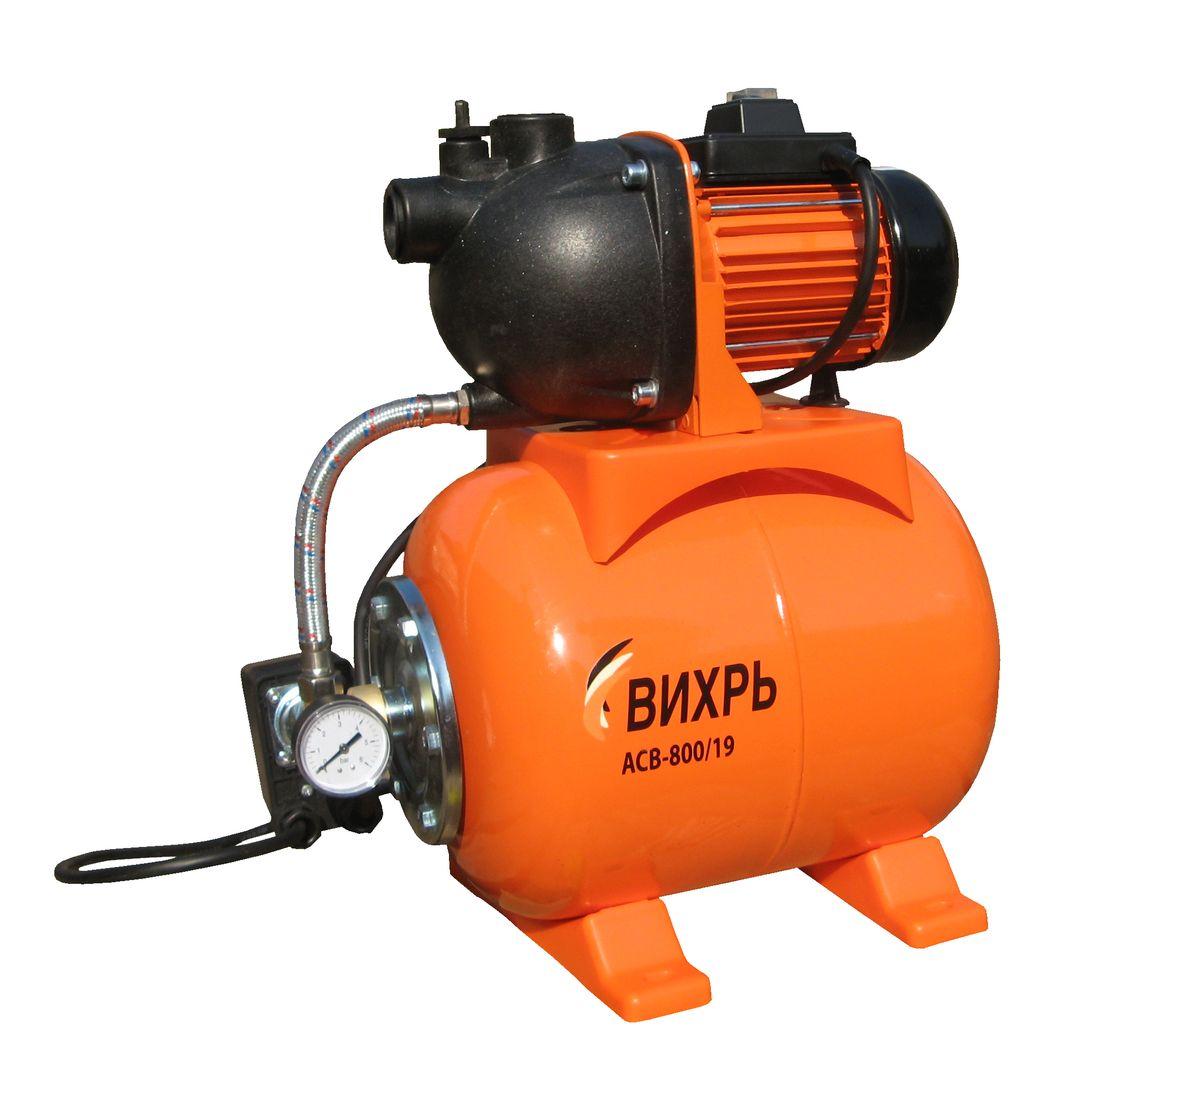 Насосная станция Вихрь АСВ-800/1968/1/5Насосная станция Вихрь АСВ-800/19 предназначена для бесперебойного водоснабжения в автоматическом режиме, коттеджей, дач, ферм и других потребителей. При этом она автоматически поддерживает необходимое давление в системе водоснабжения, самостоятельно включаясь и отключаясь по мере расходования воды потребителями.Встроенный датчик давления обеспечивает автоматическое включение насоса в случае необходимости. Гидроаккумулятор служит для аккумулирования воды под давлением и сглаживания гидроударов. Он состоит из стального резервуара со сменной мембраной из пищевой резины и имеет пневмоклапан для закачивания сжатого воздуха.Насос со встроенным эжектором, сочетает преимущества центробежных с практичностью самовсасывающих насосов. Встроенный внутренний эжектор с системой труб Вентури обеспечивает хорошие условия всасывания на входе в насос и позволяет создать высокое давление на выходе. Они позволяют перекачивать воду с меньшими, по сравнению с обычными центробежными насосами, требованиями к чистоте и наличию растворенных газов. Рабочее колесо и проточный блок направляющий аппарат - трубка Вентури - сопло выполнены из износостойких пластических материалов.Насосная станция не может использоваться на открытом воздухе при температуре окружающей среды ниже +1°С. Запрещается перекачивание горячей (выше +50°С) воды.Максимальное количество включений в час: 20Допустимая концентрация твердых частиц в перекачиваемой в воде: 150 г/м3Максимальная глубина всасывания: 9 мТип электродвигателя: асинхронный, однофазный с короткозамкнутым роторомТок питающей сети: однофазный переменныйНапряжение: 220 ВЧастота: 50 ГцПотребляемый ток: 3.6 А.